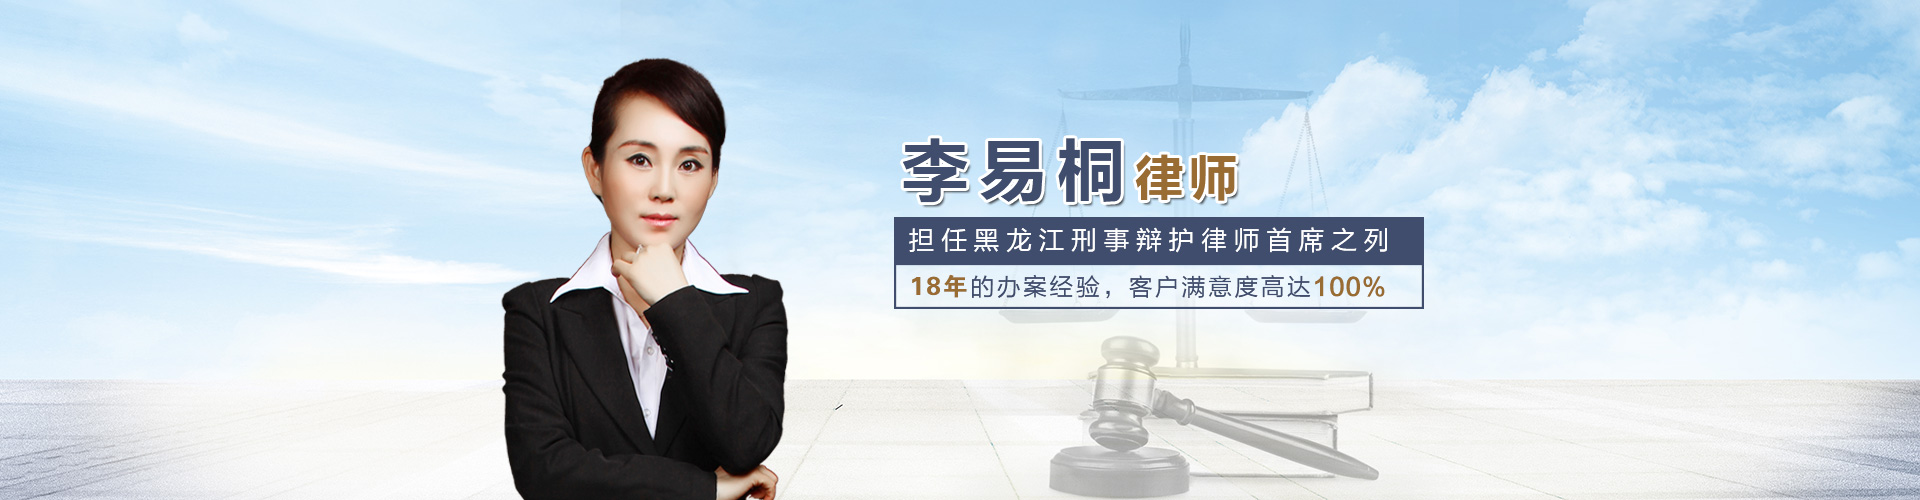 黑龙江李易桐律师3